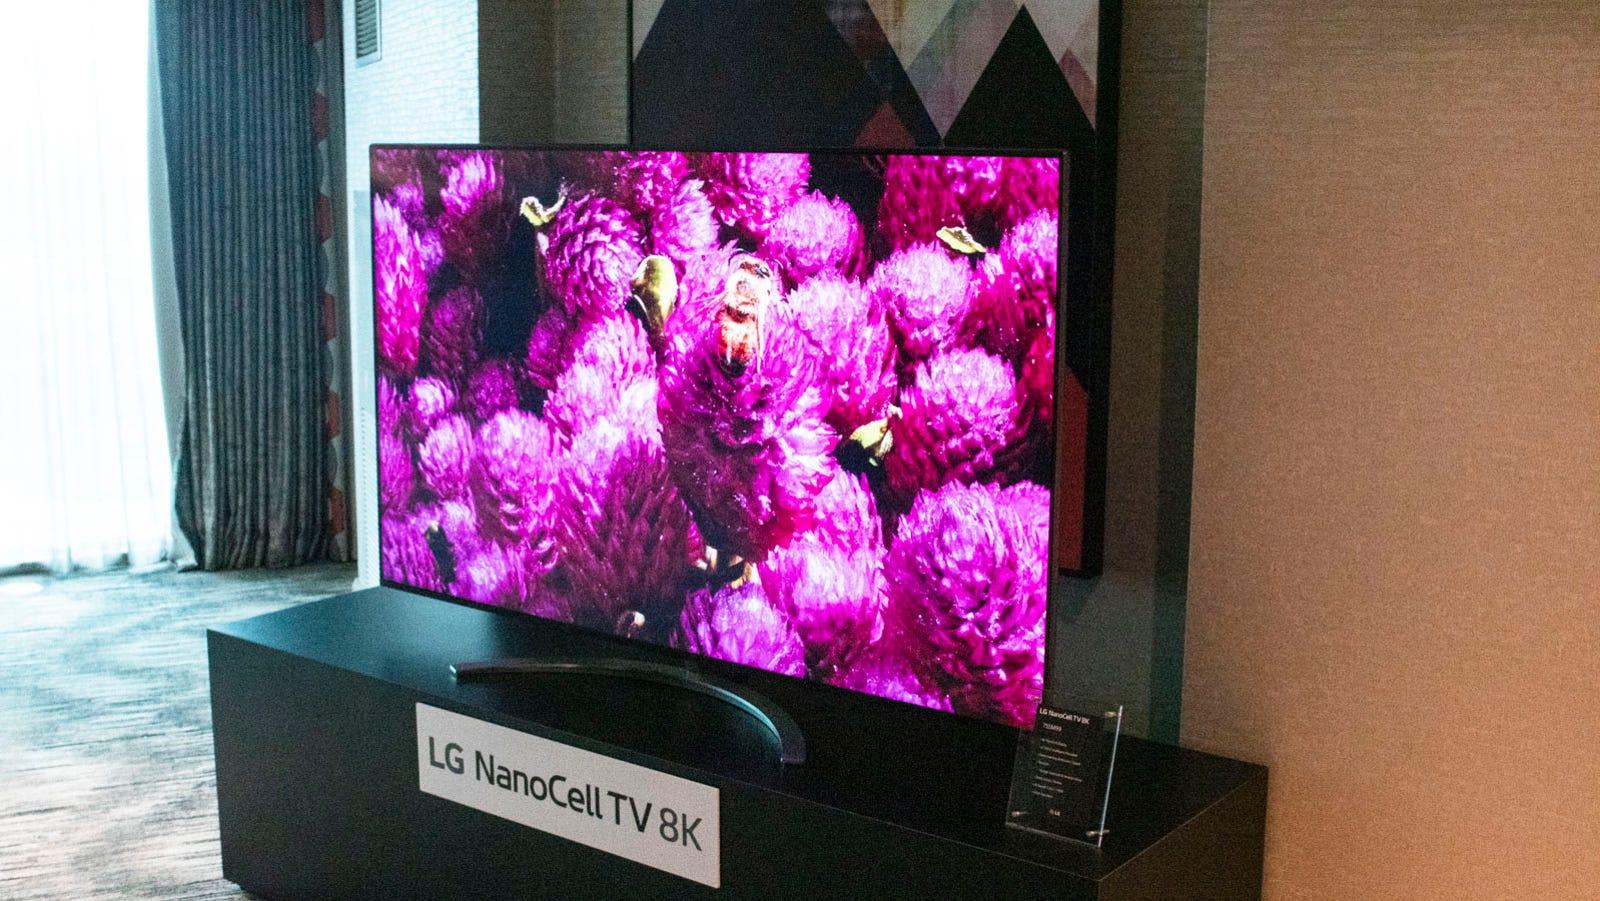 LG's 8K LED TV.